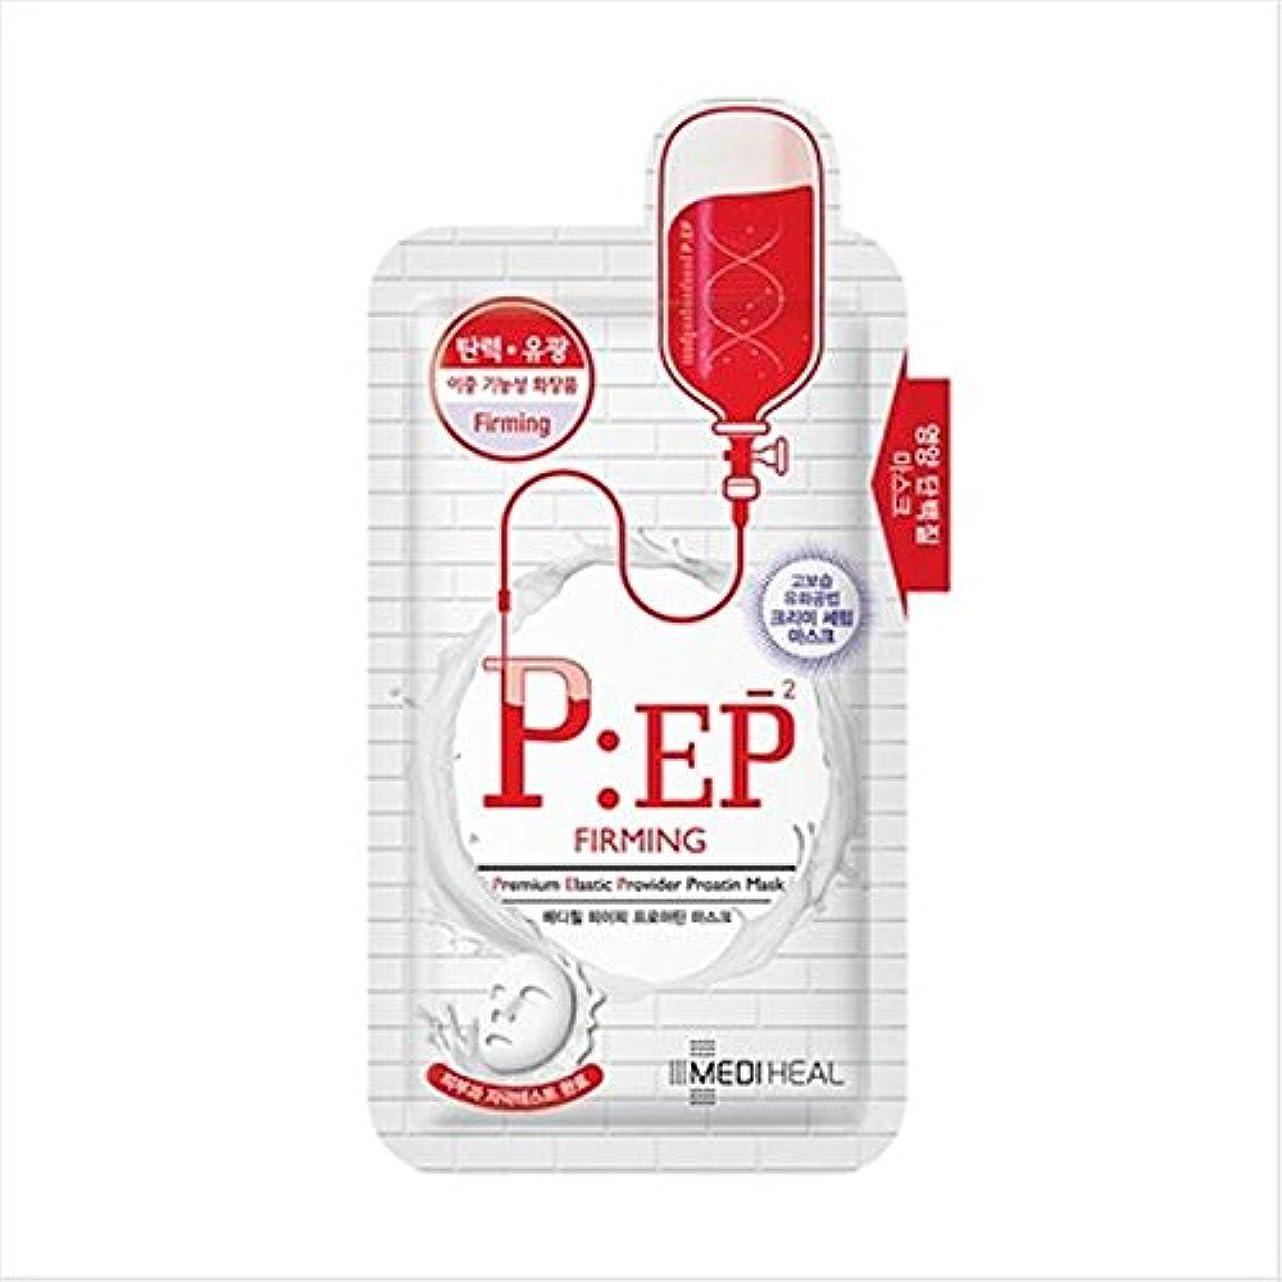 パイプ次へ入手しますMediheal P.E.P メディエアファーミングプロテインマスク(アクアリング)25 g x 10枚[並行輸入品]